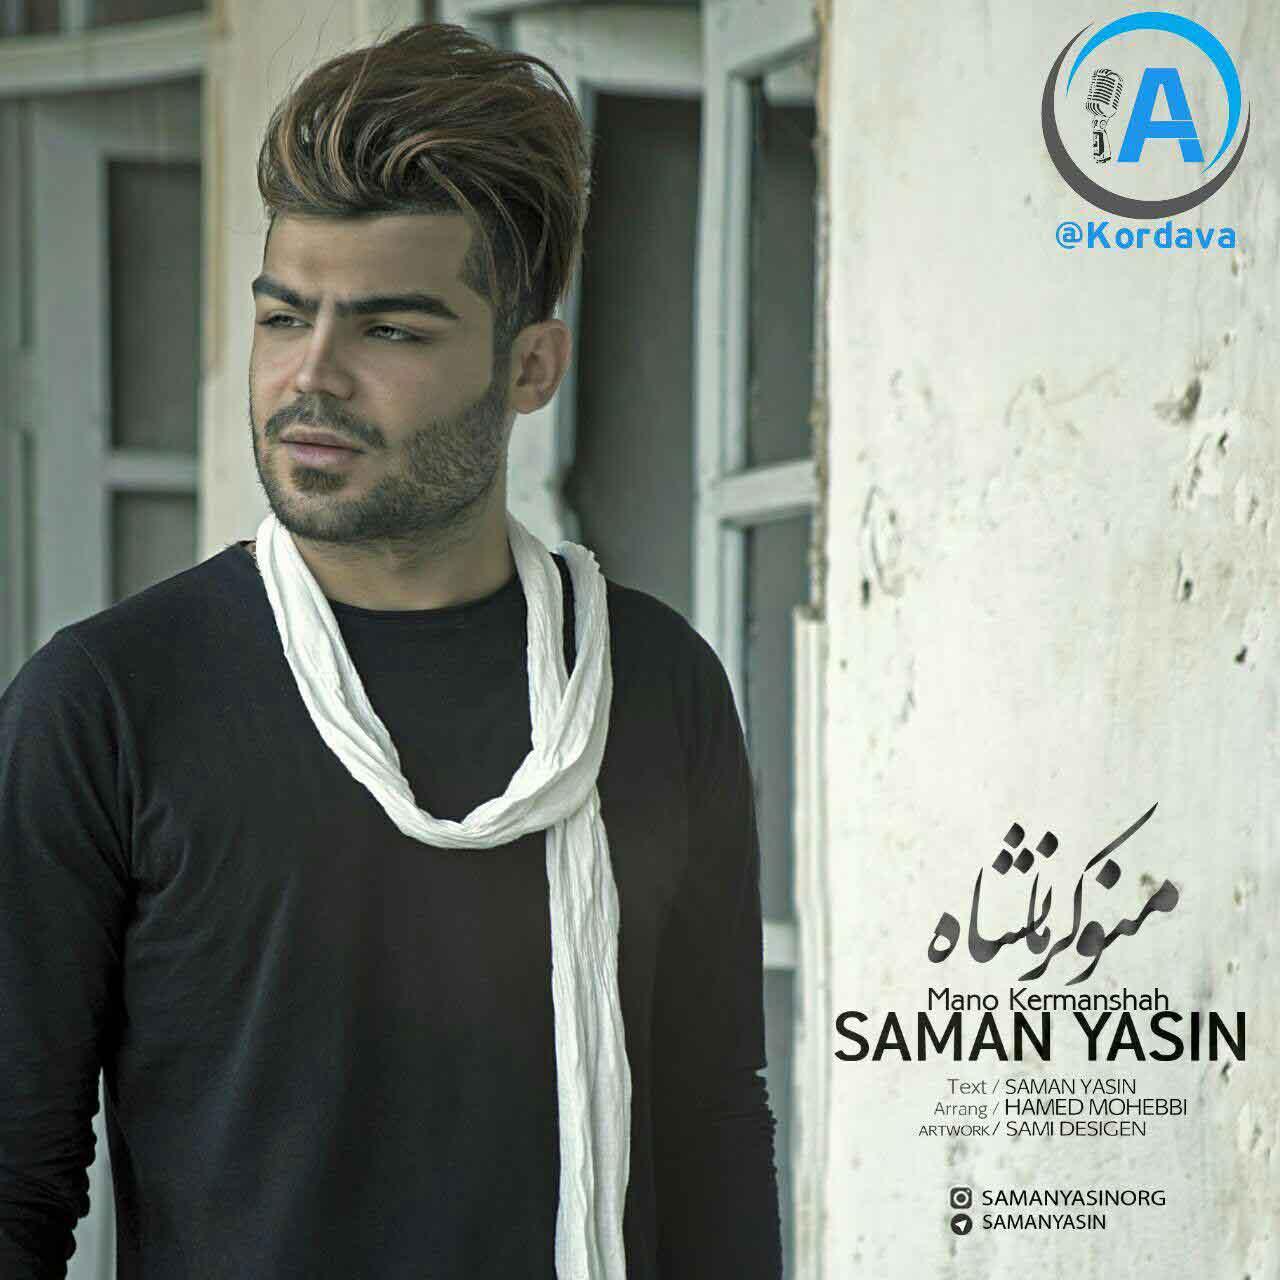 دانلود آهنگ جدید سامان یاسین به نام منو کرمانشاه